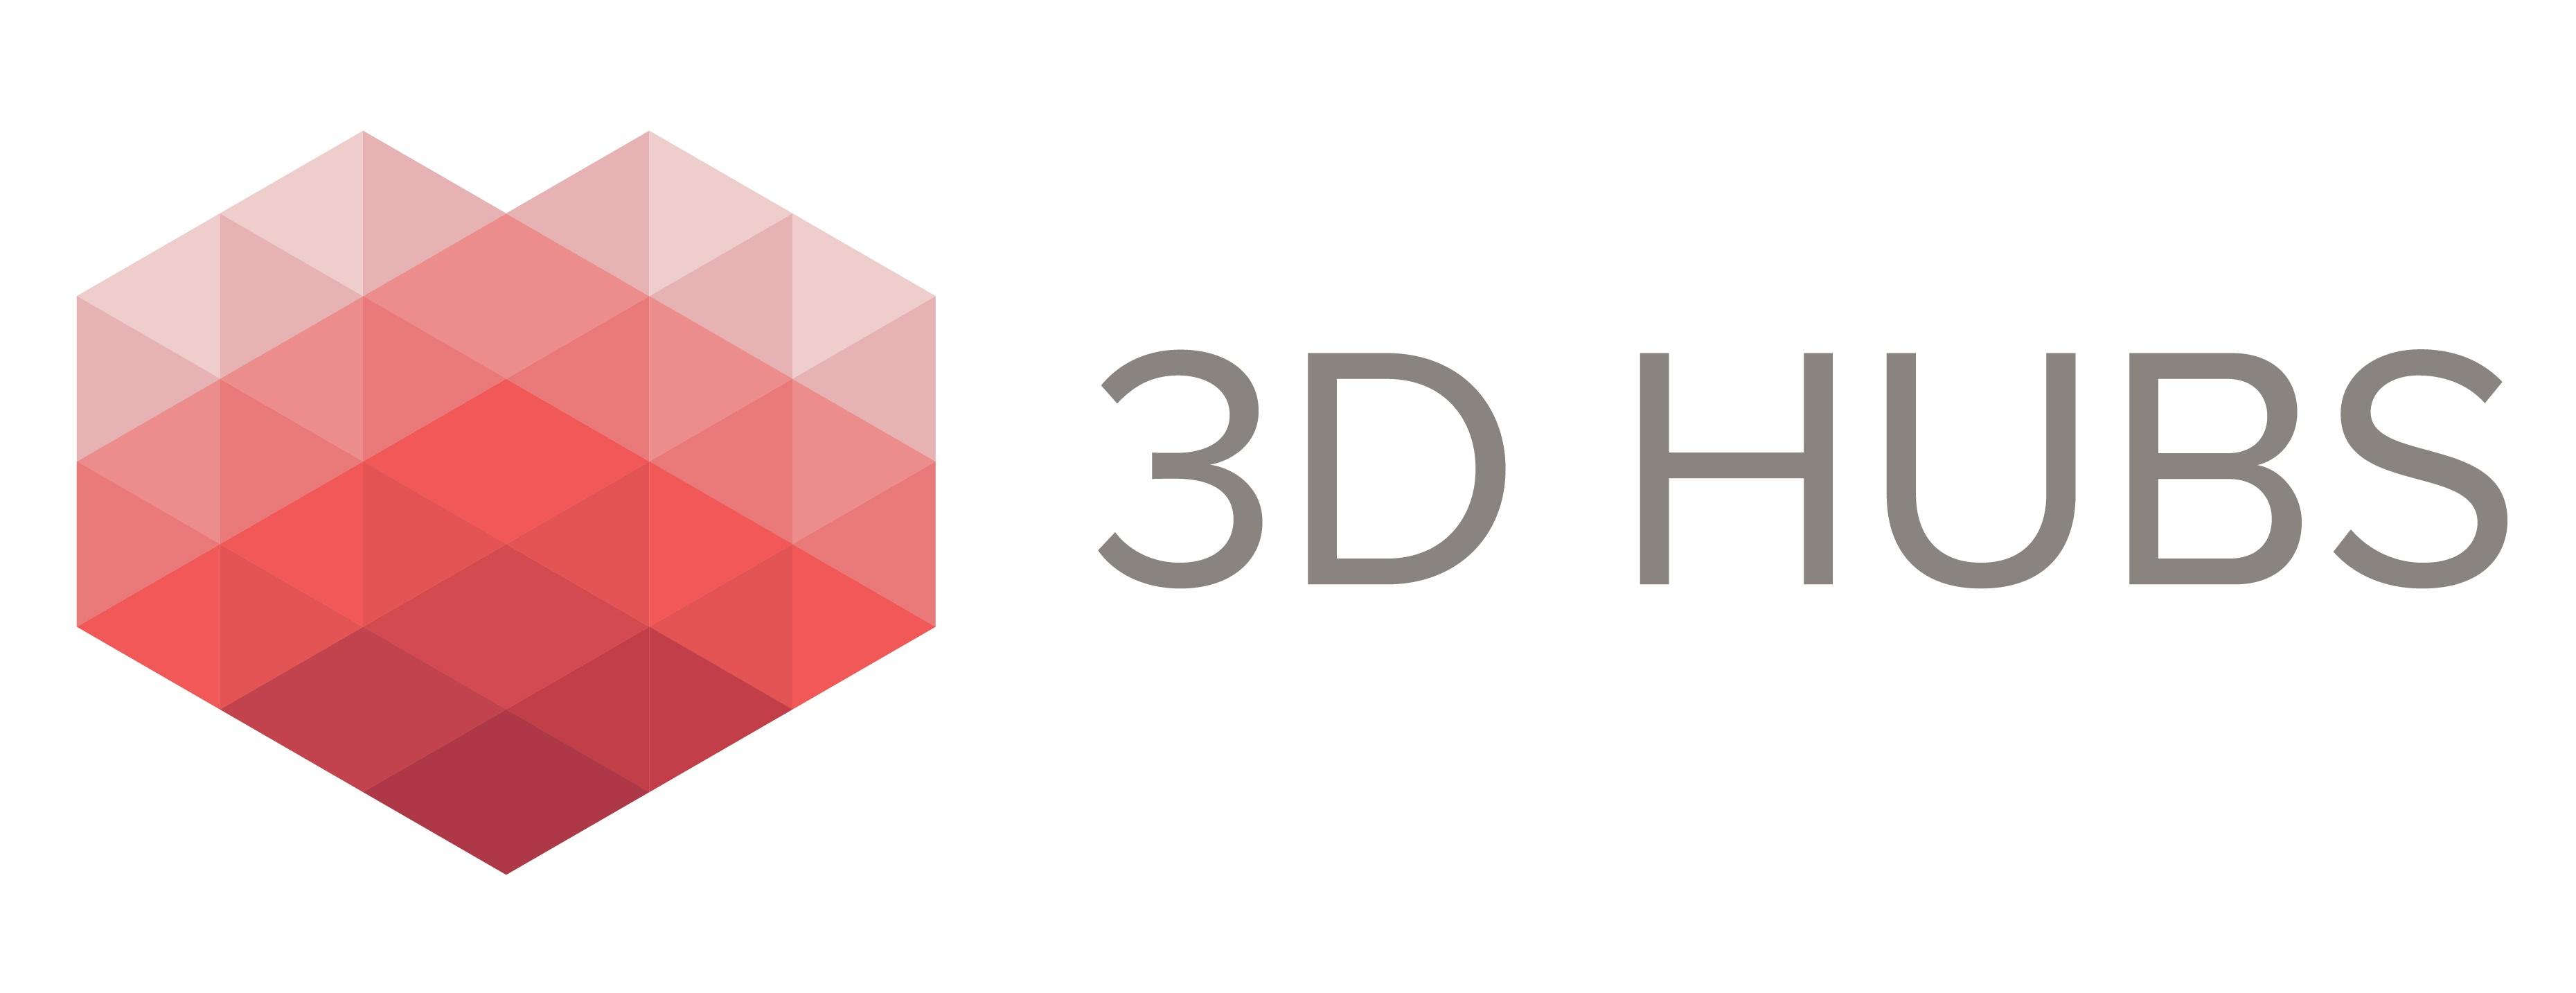 3D_HUBS.jpg